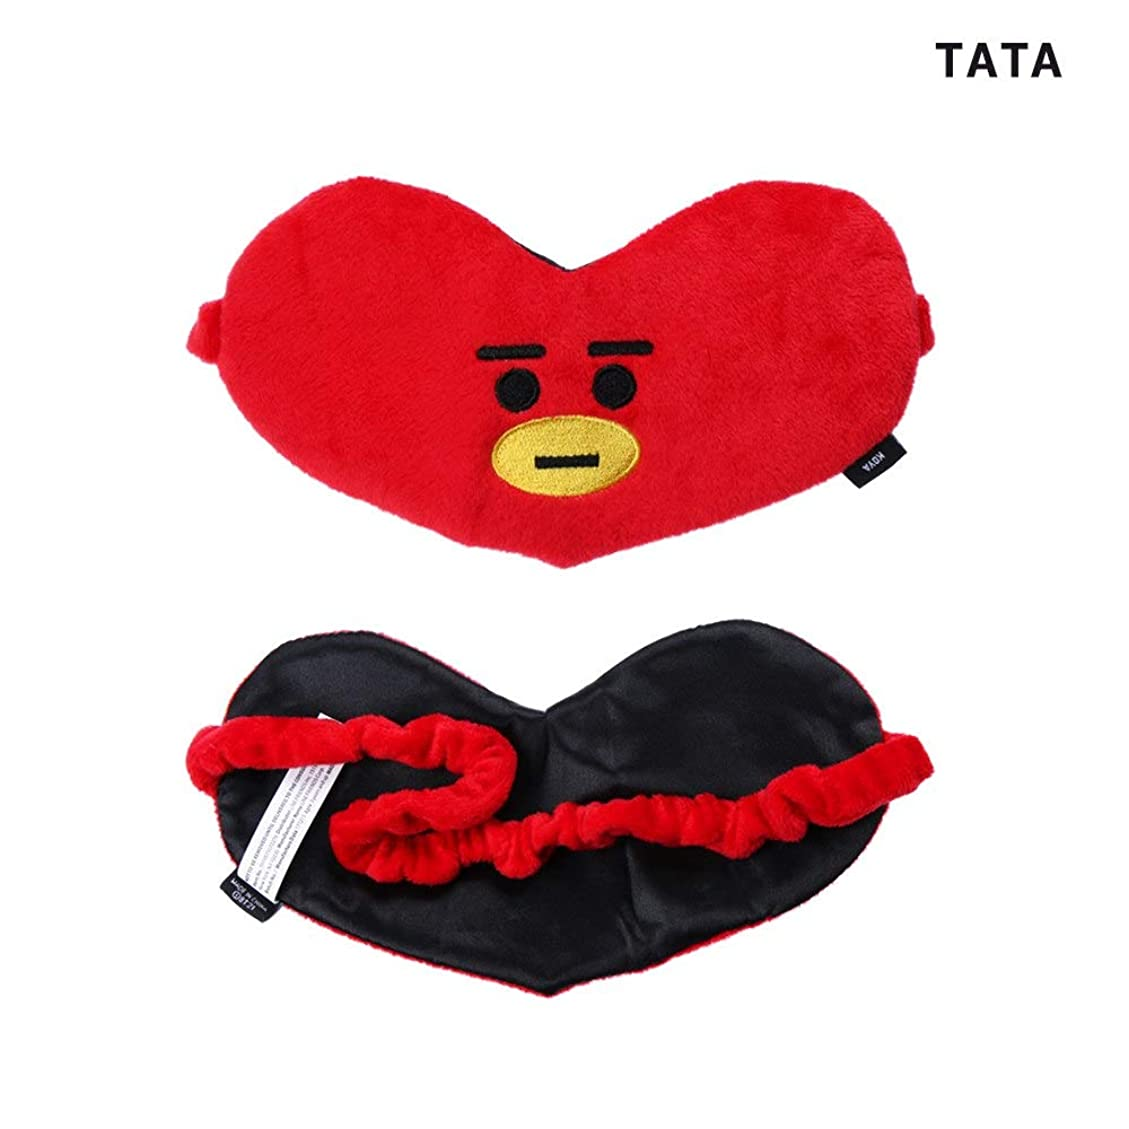 出発するストレージオーストラリア人NOTE かわいいアイマスクK-POP BTSバンタンボーイズレストスリープマスクBT21スガタタチミーRJクッキーアイシェードアイマスクパッチ睡眠ケアツール